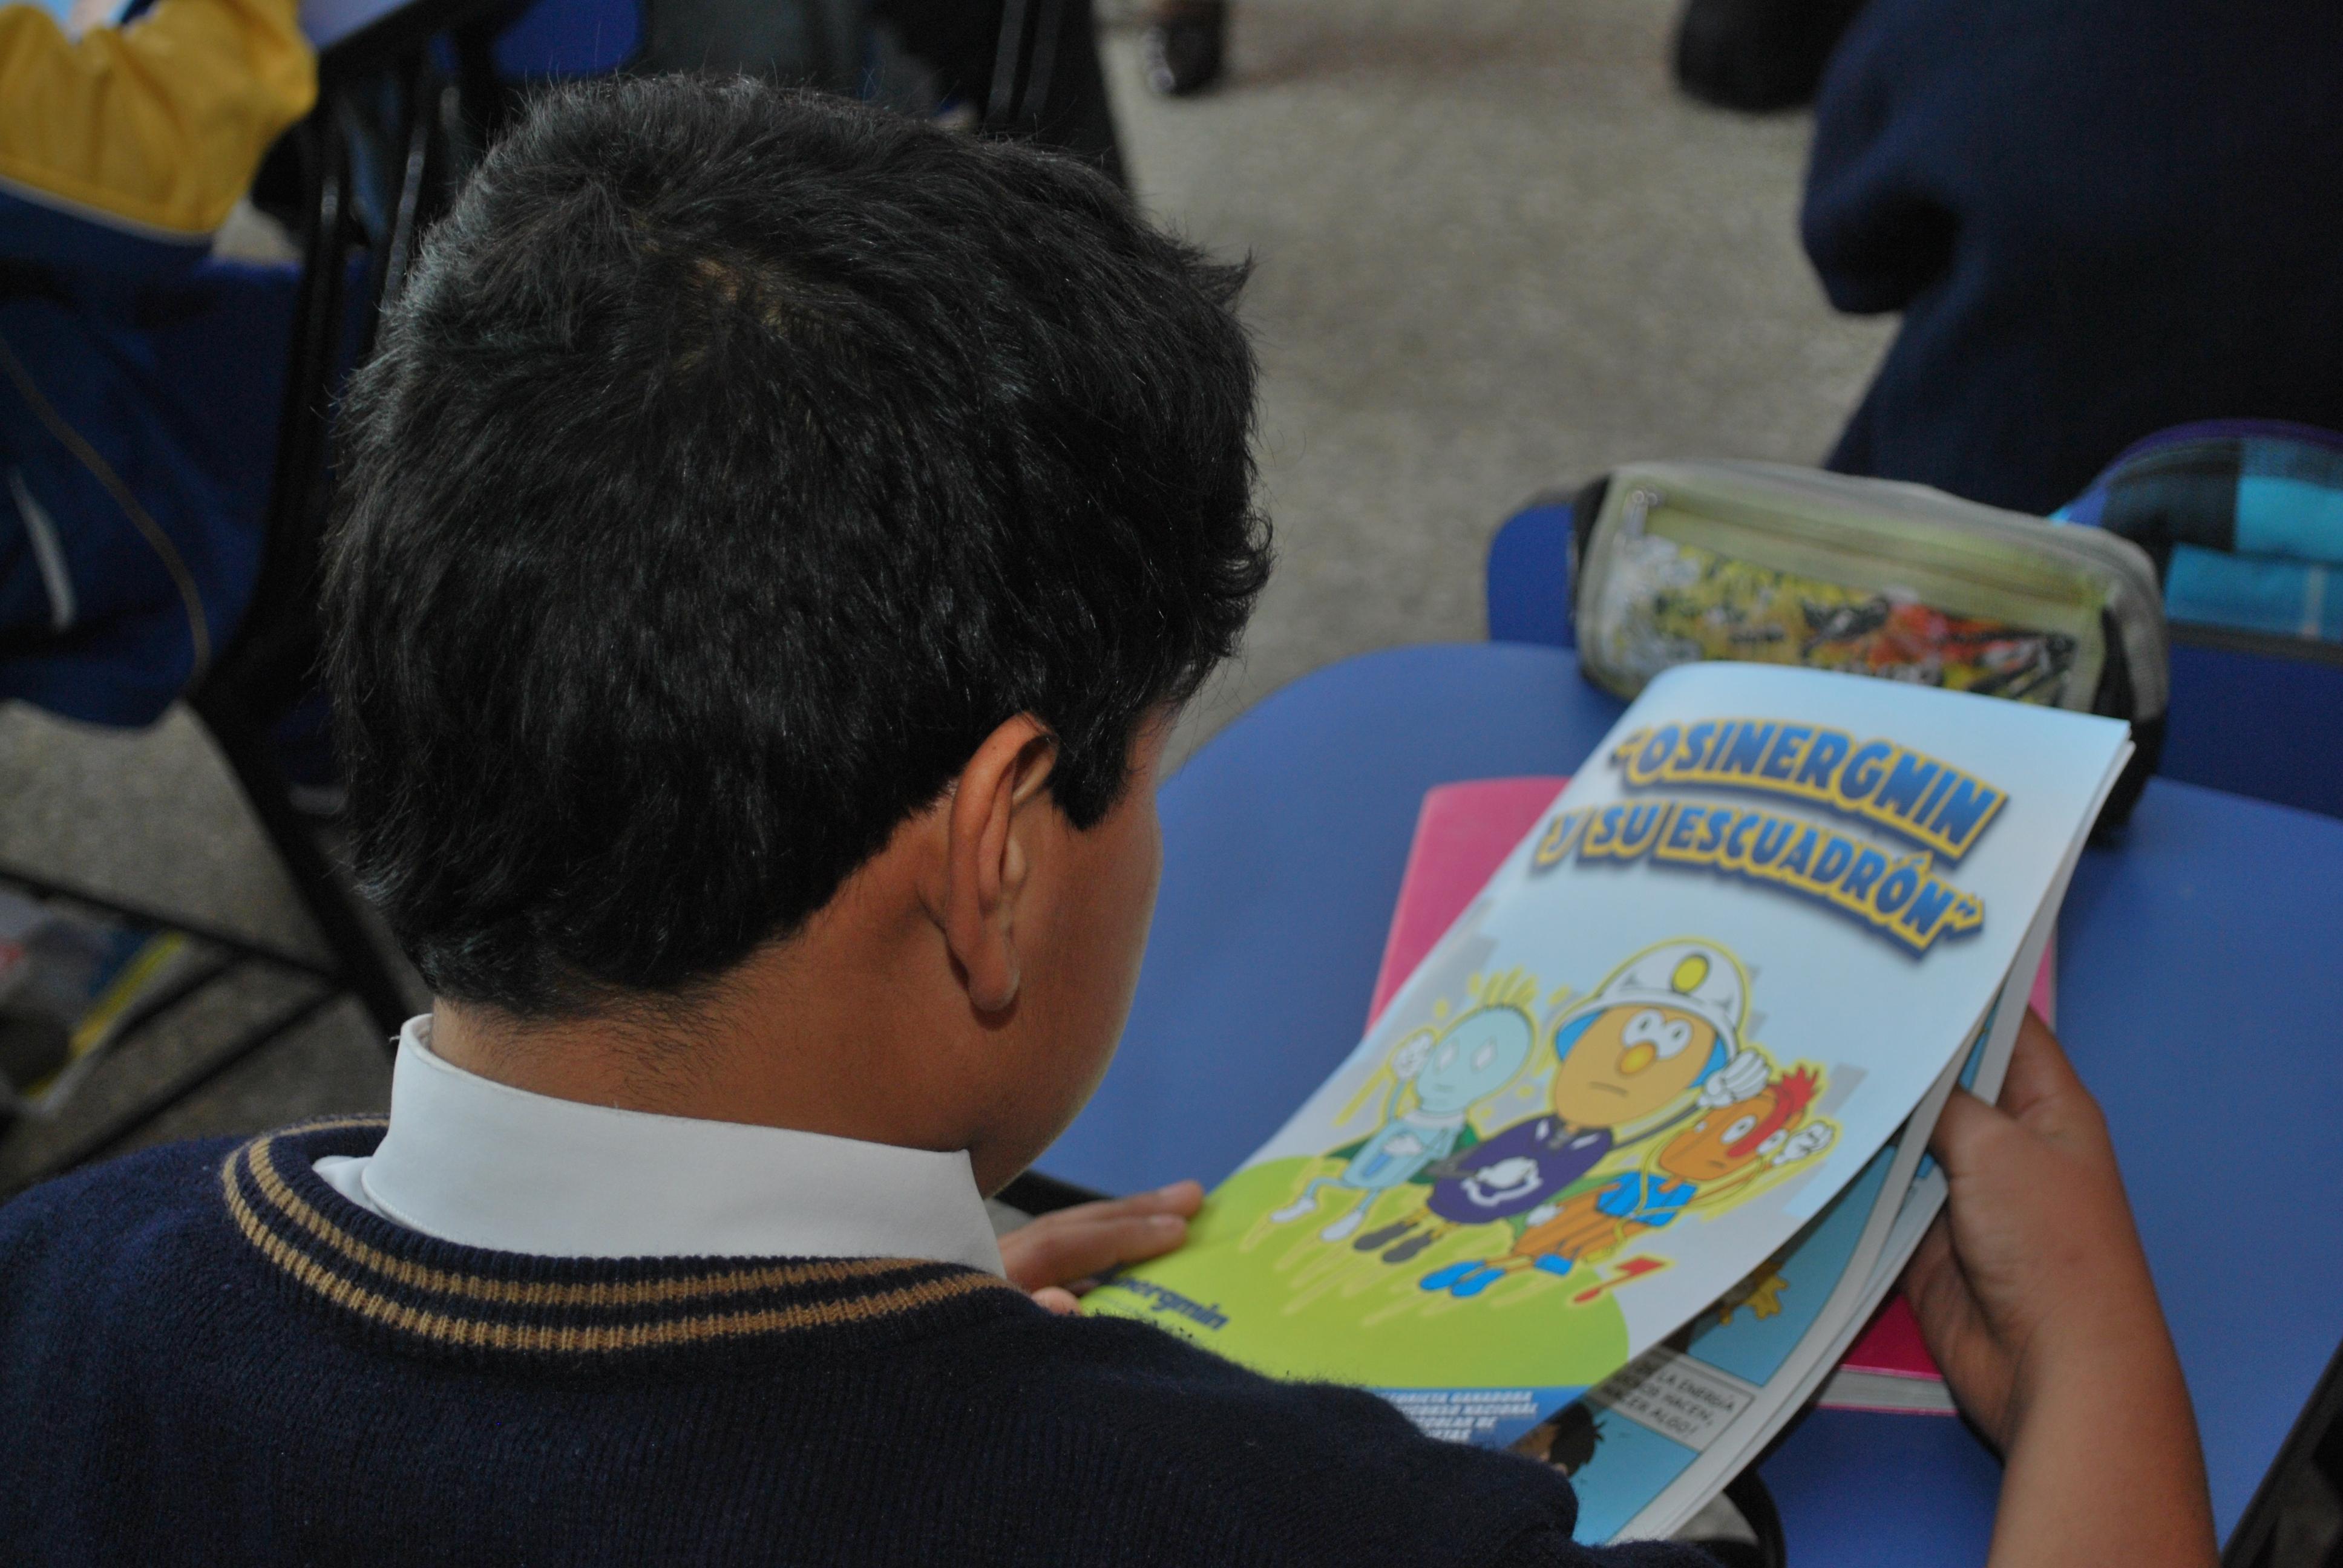 Osinergmin promueve uso seguro de electricidad con concurso de cuentos para docentes